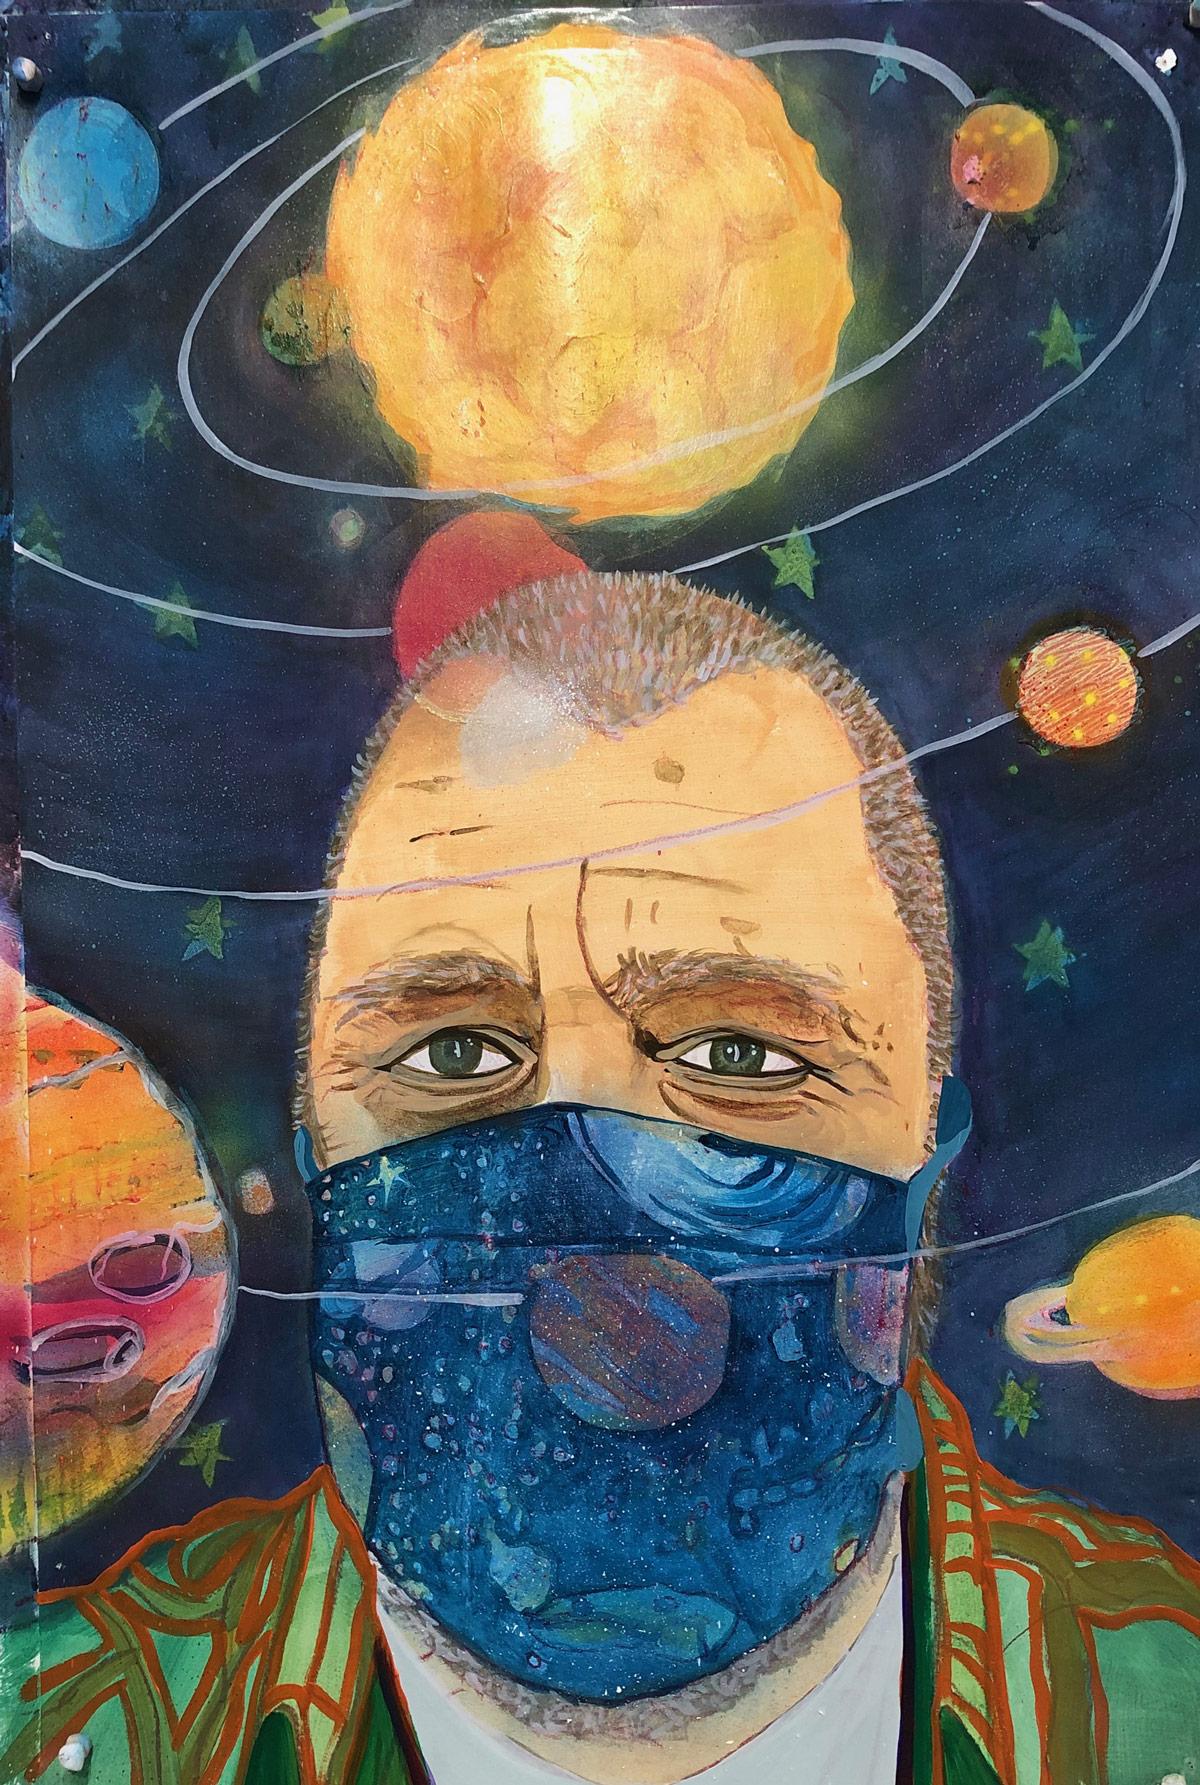 Robert Gunderman, artist Los Angeles, 2020